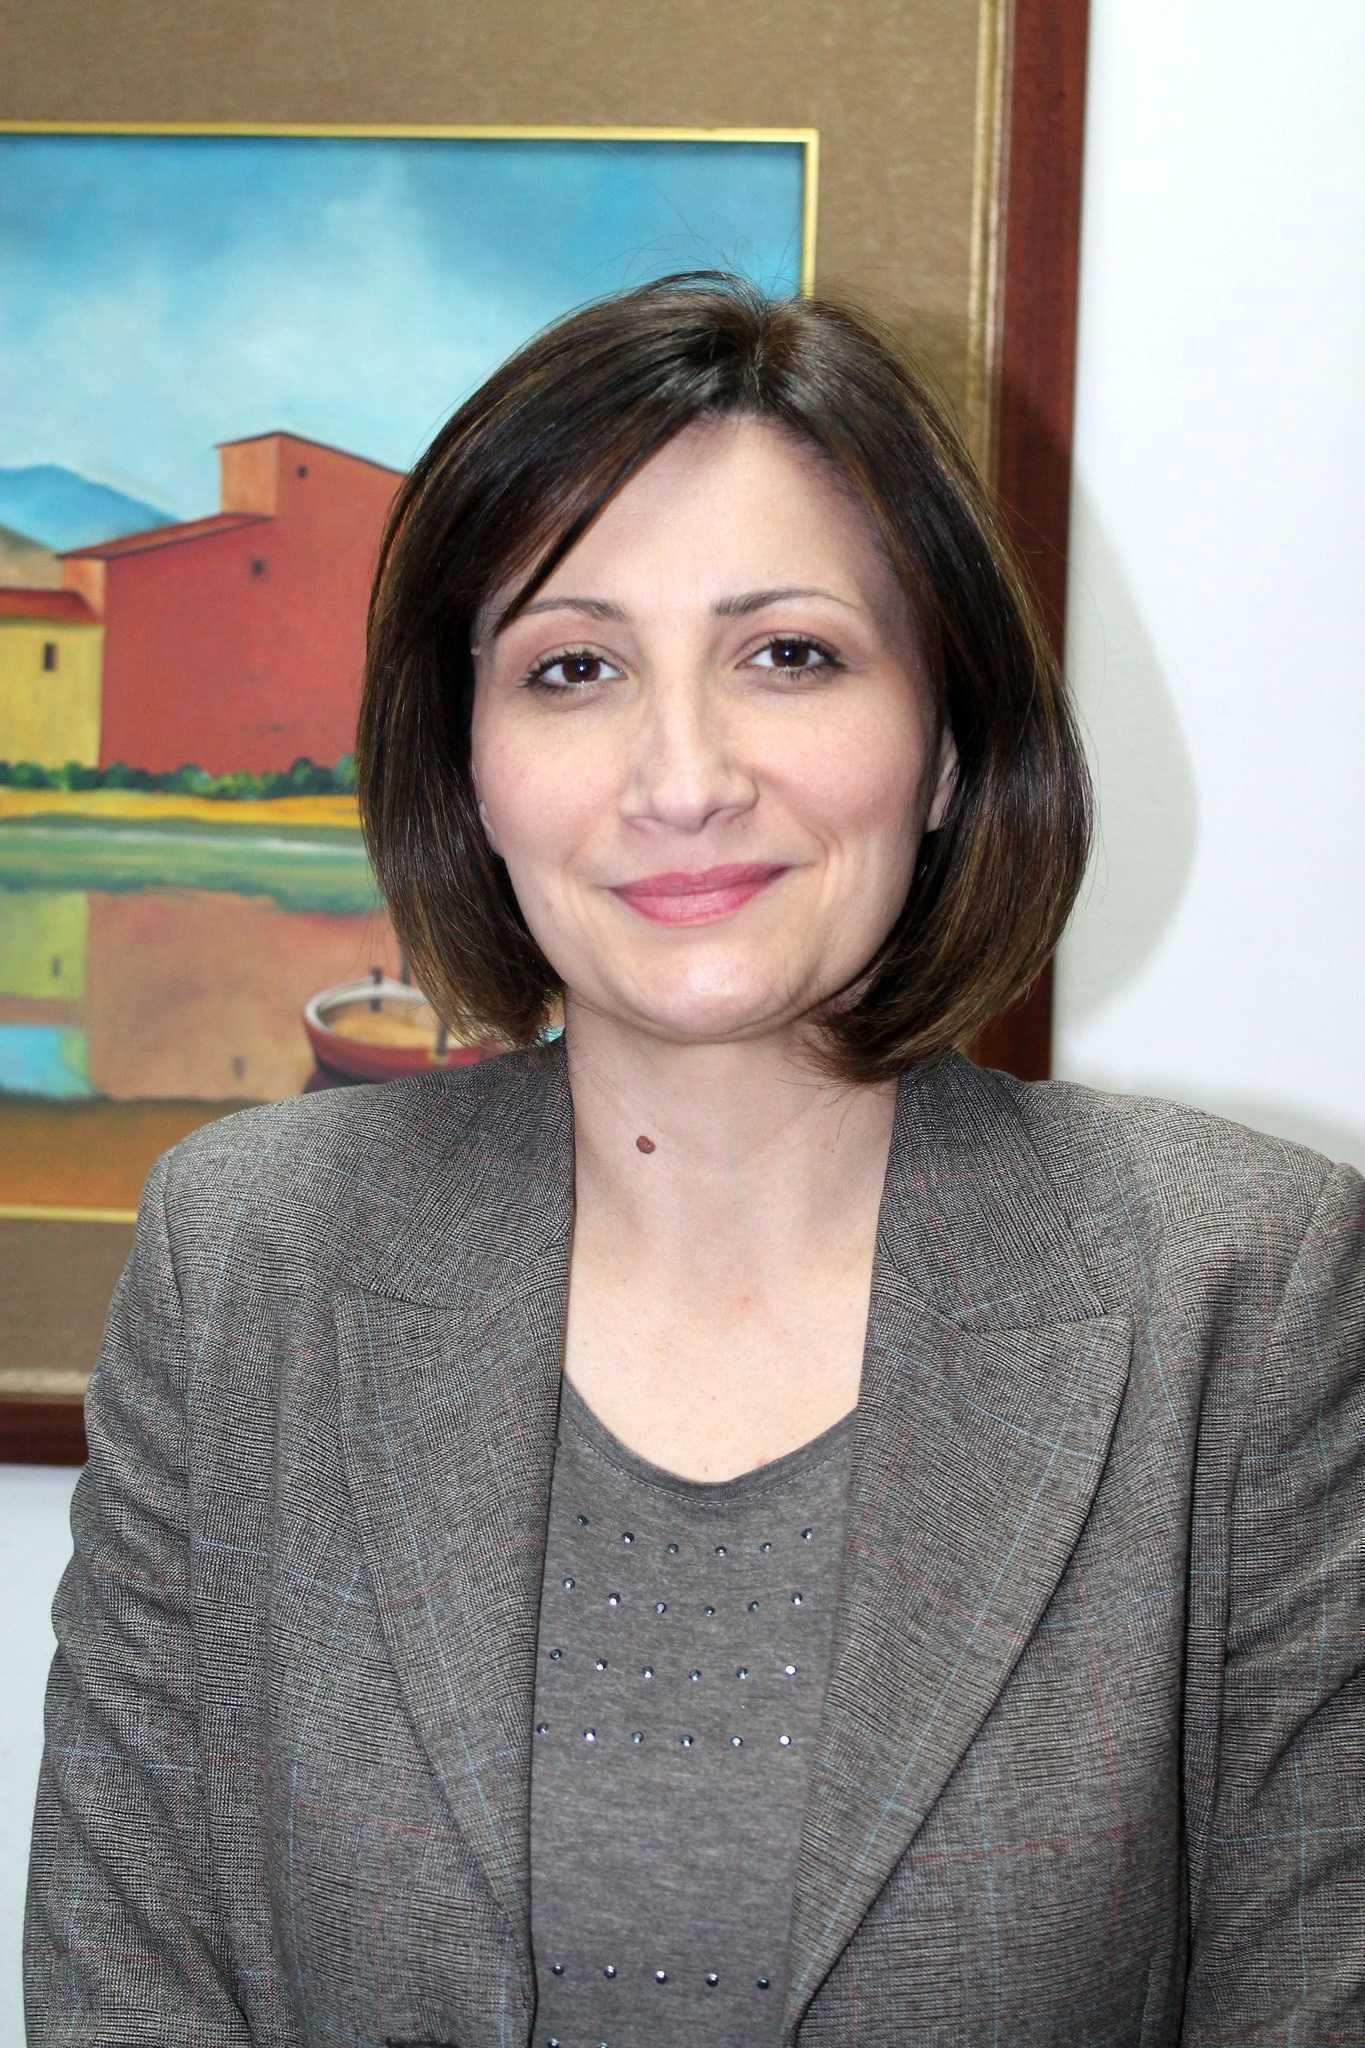 Tanja Laković